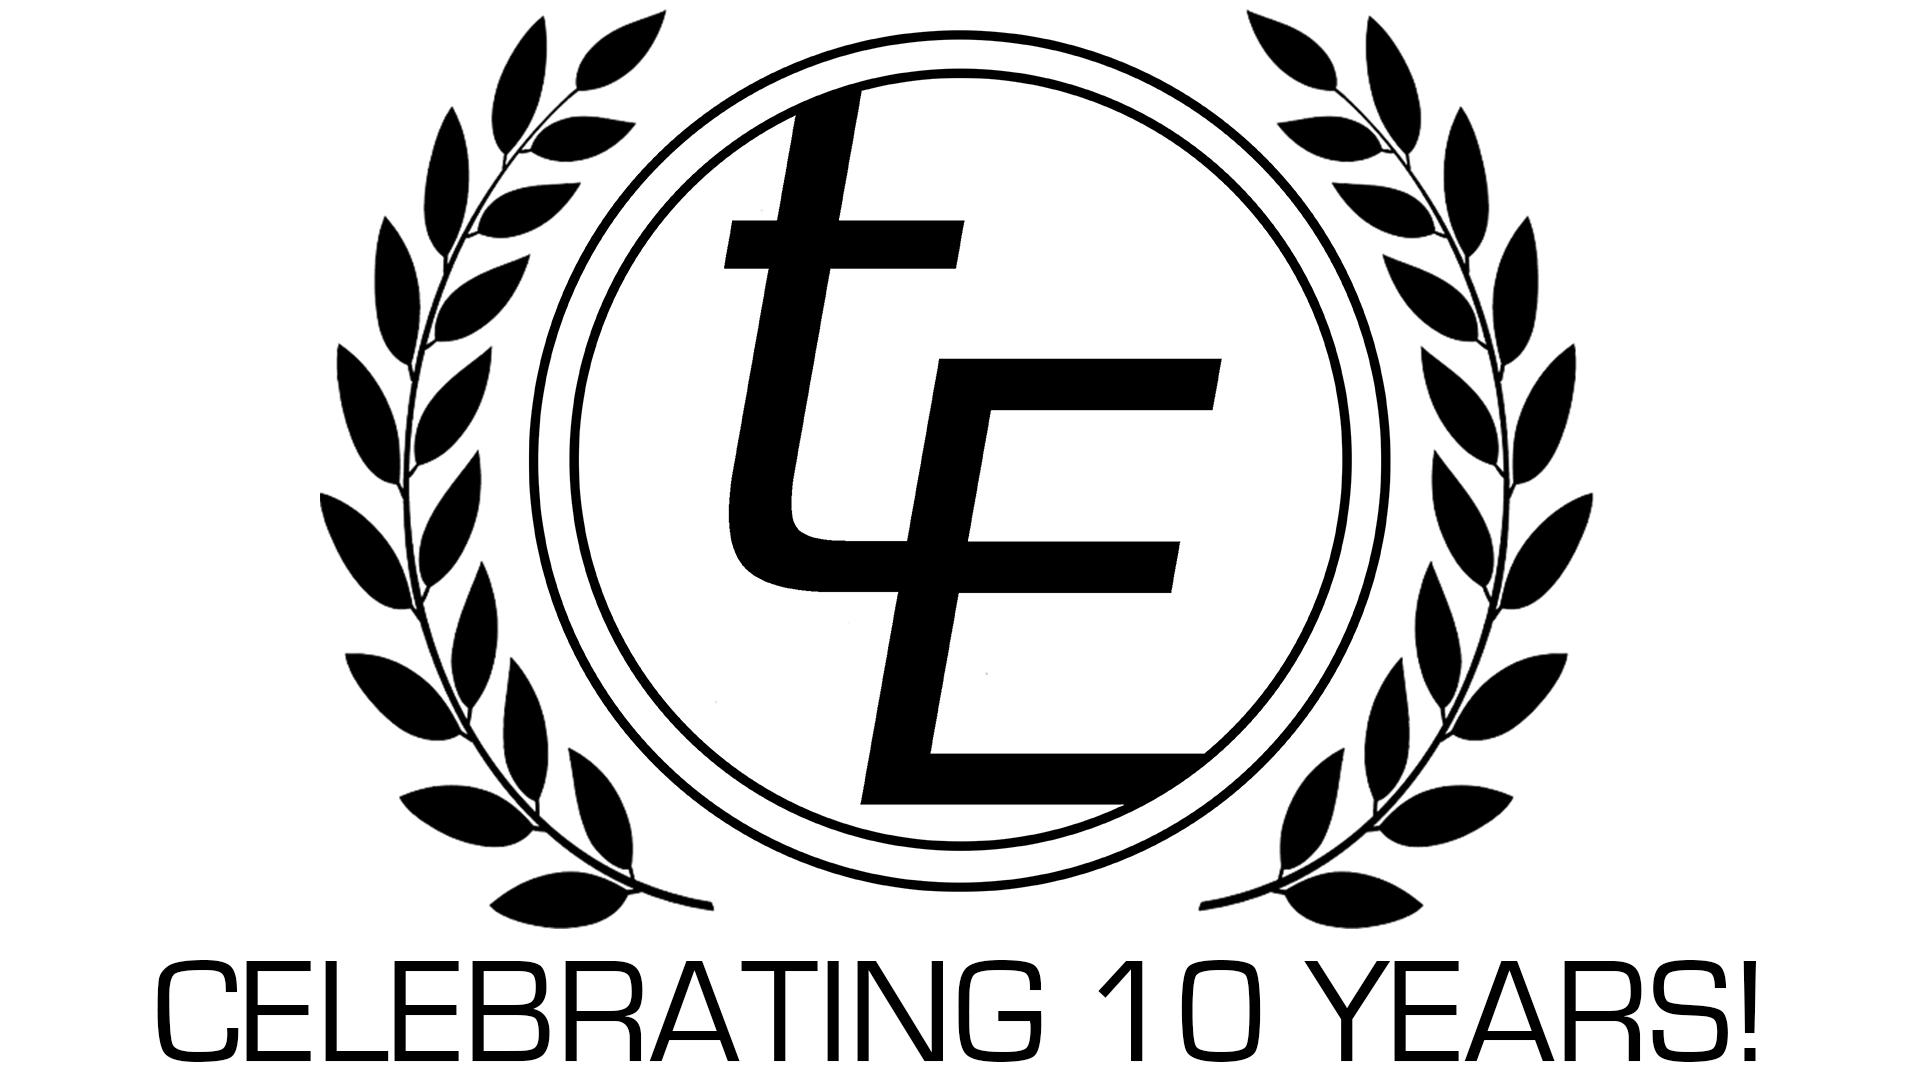 Celebrating 10 Years of tEdits!